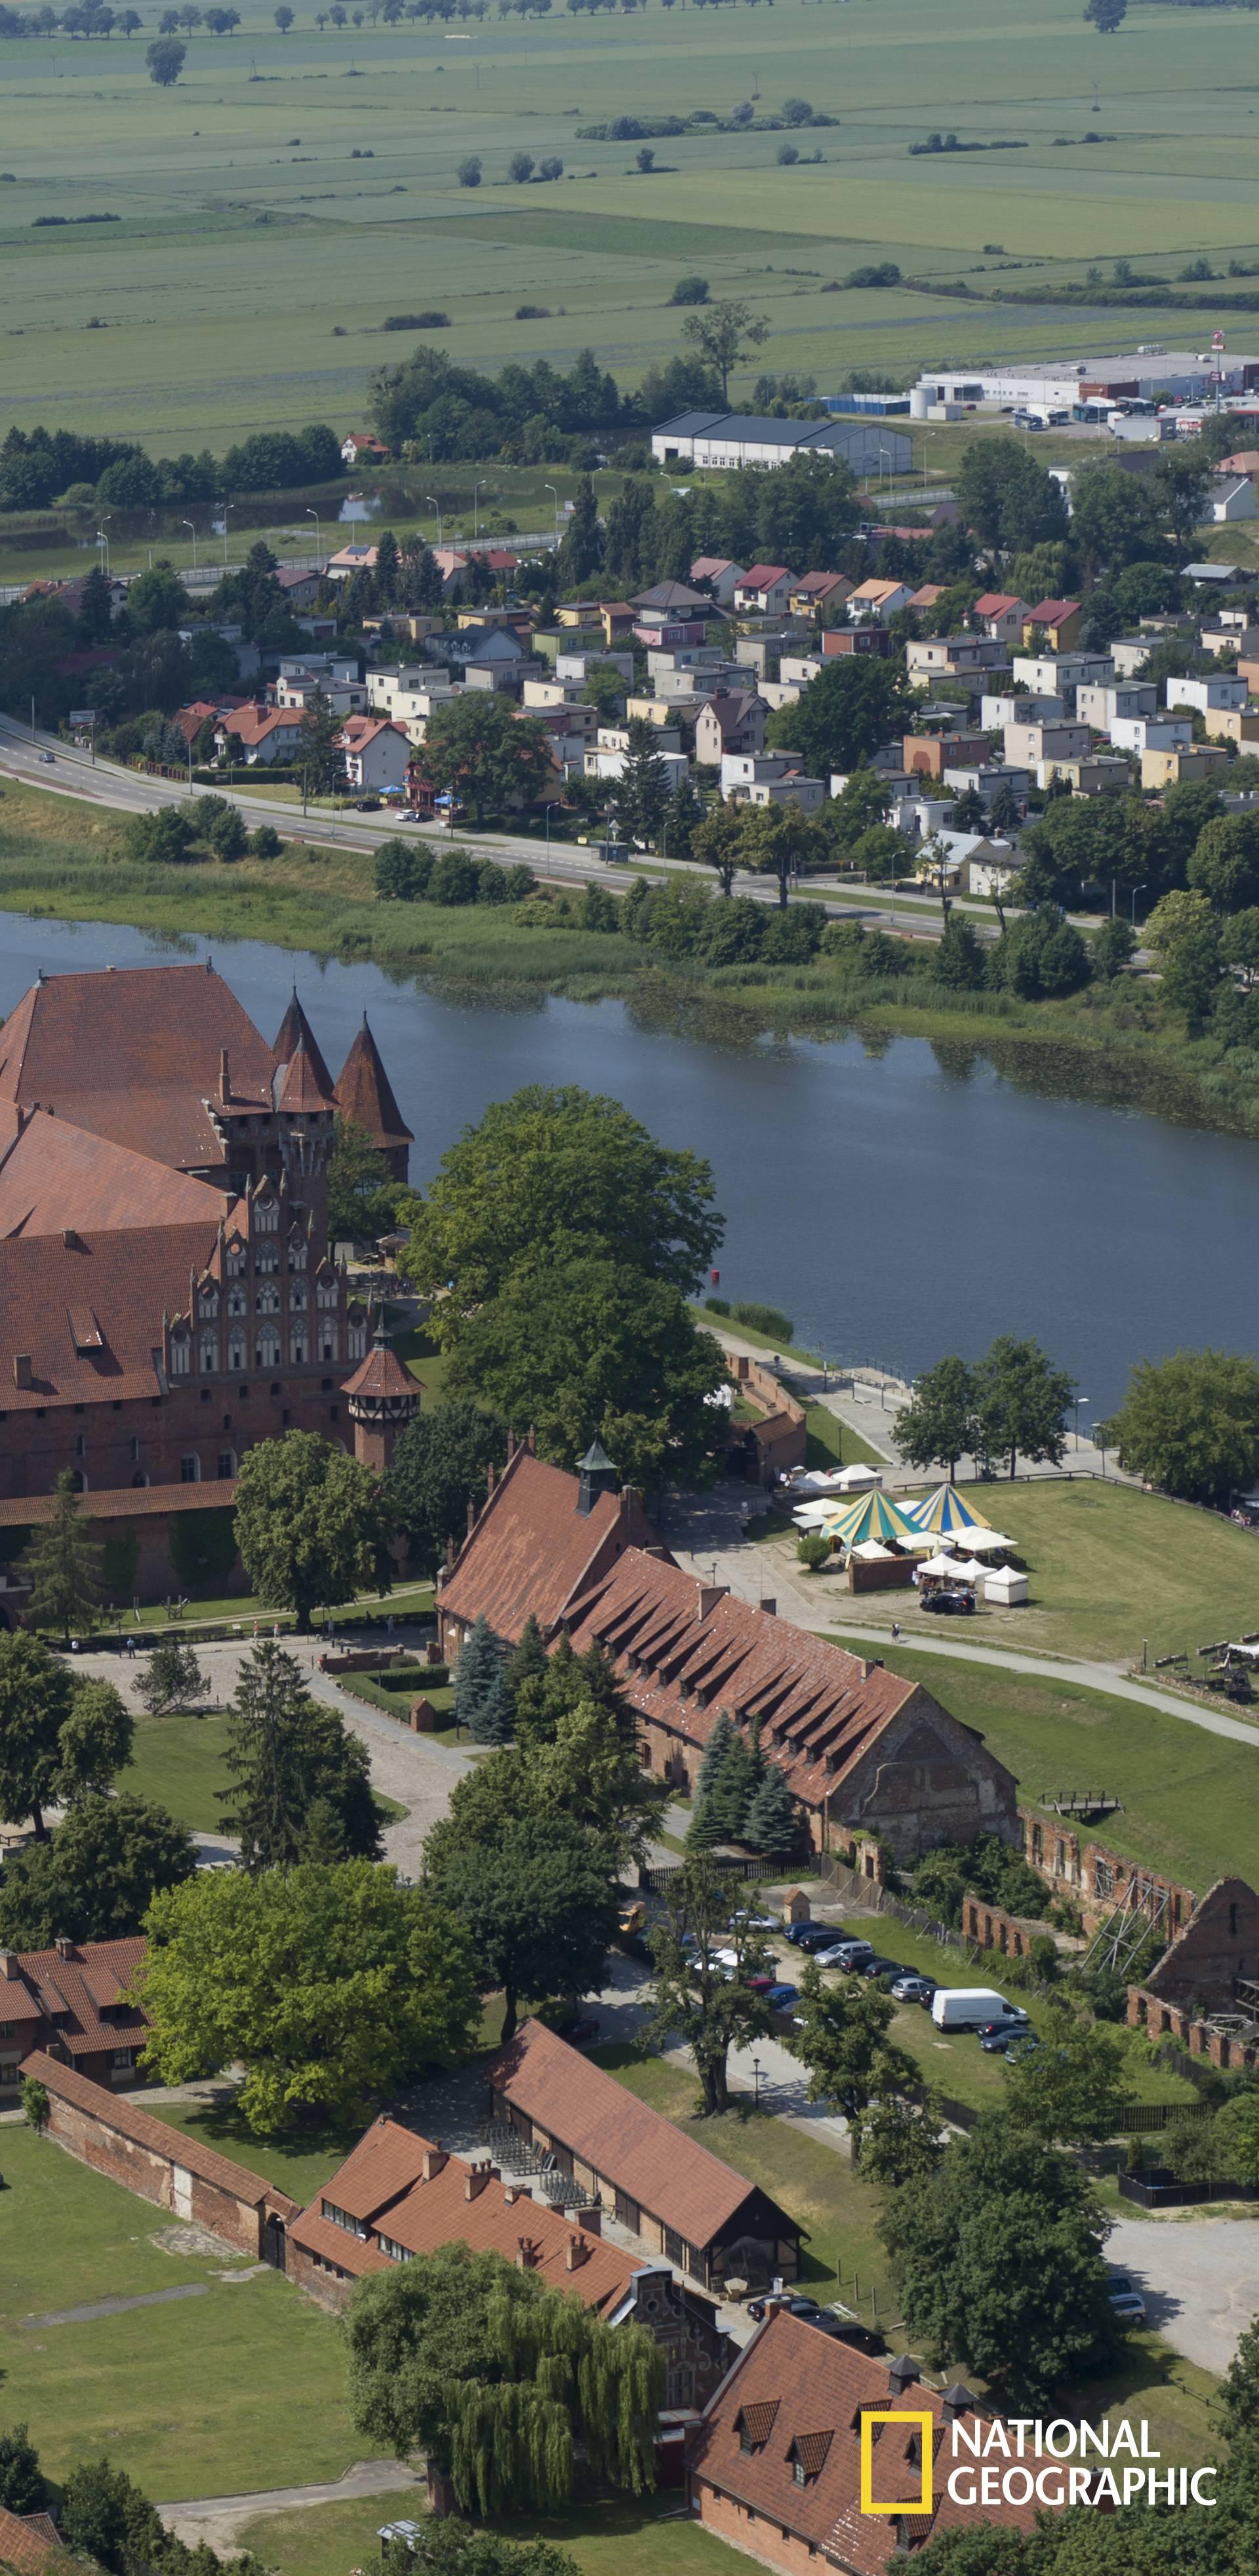 Spektakularno putovanje nad starim kontinentom: Poljska